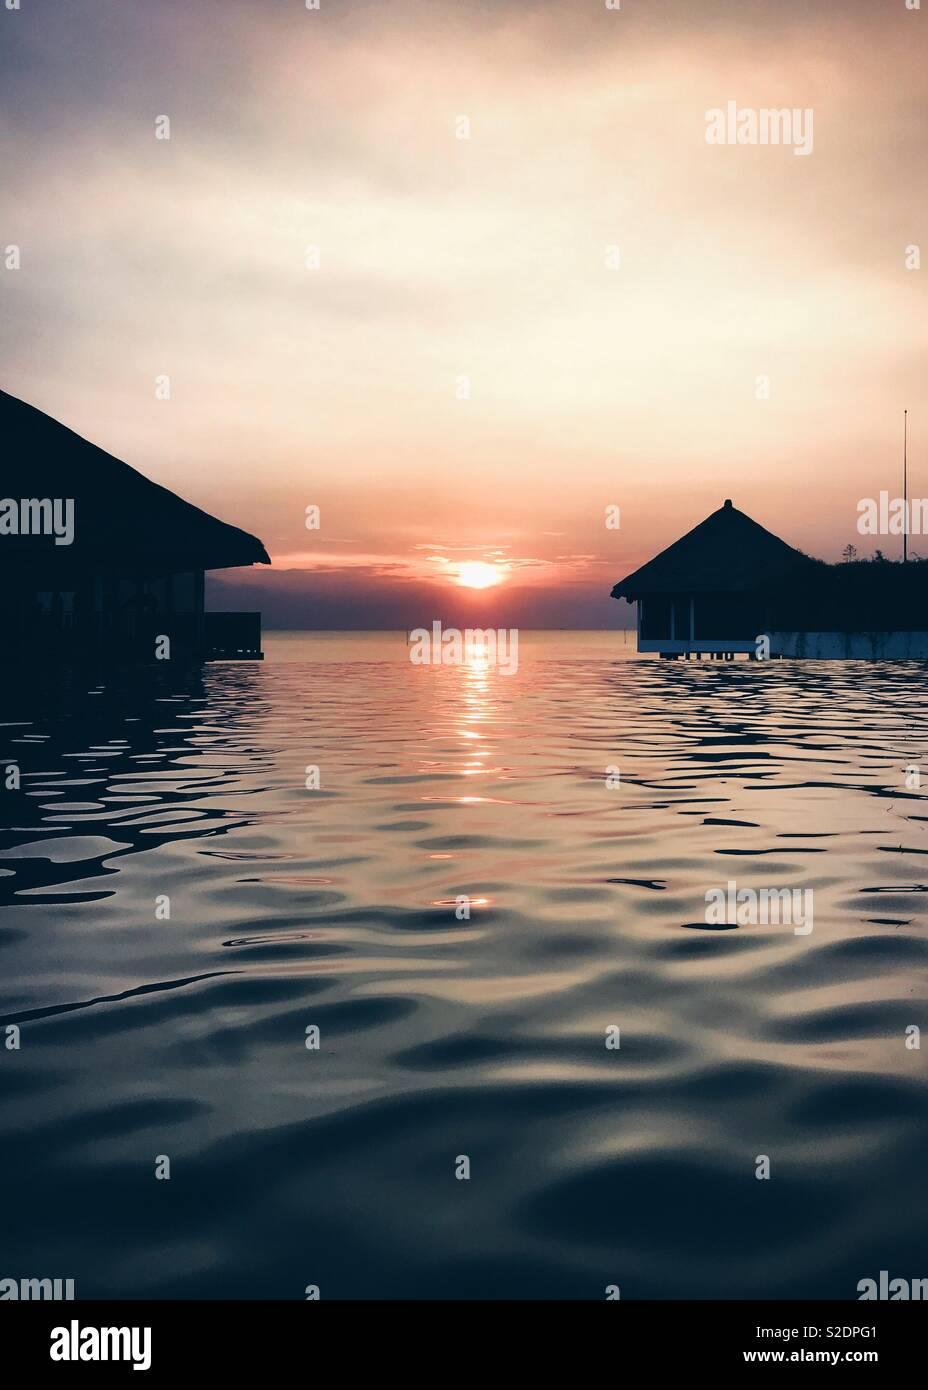 Pôr do sol Imagens de Stock